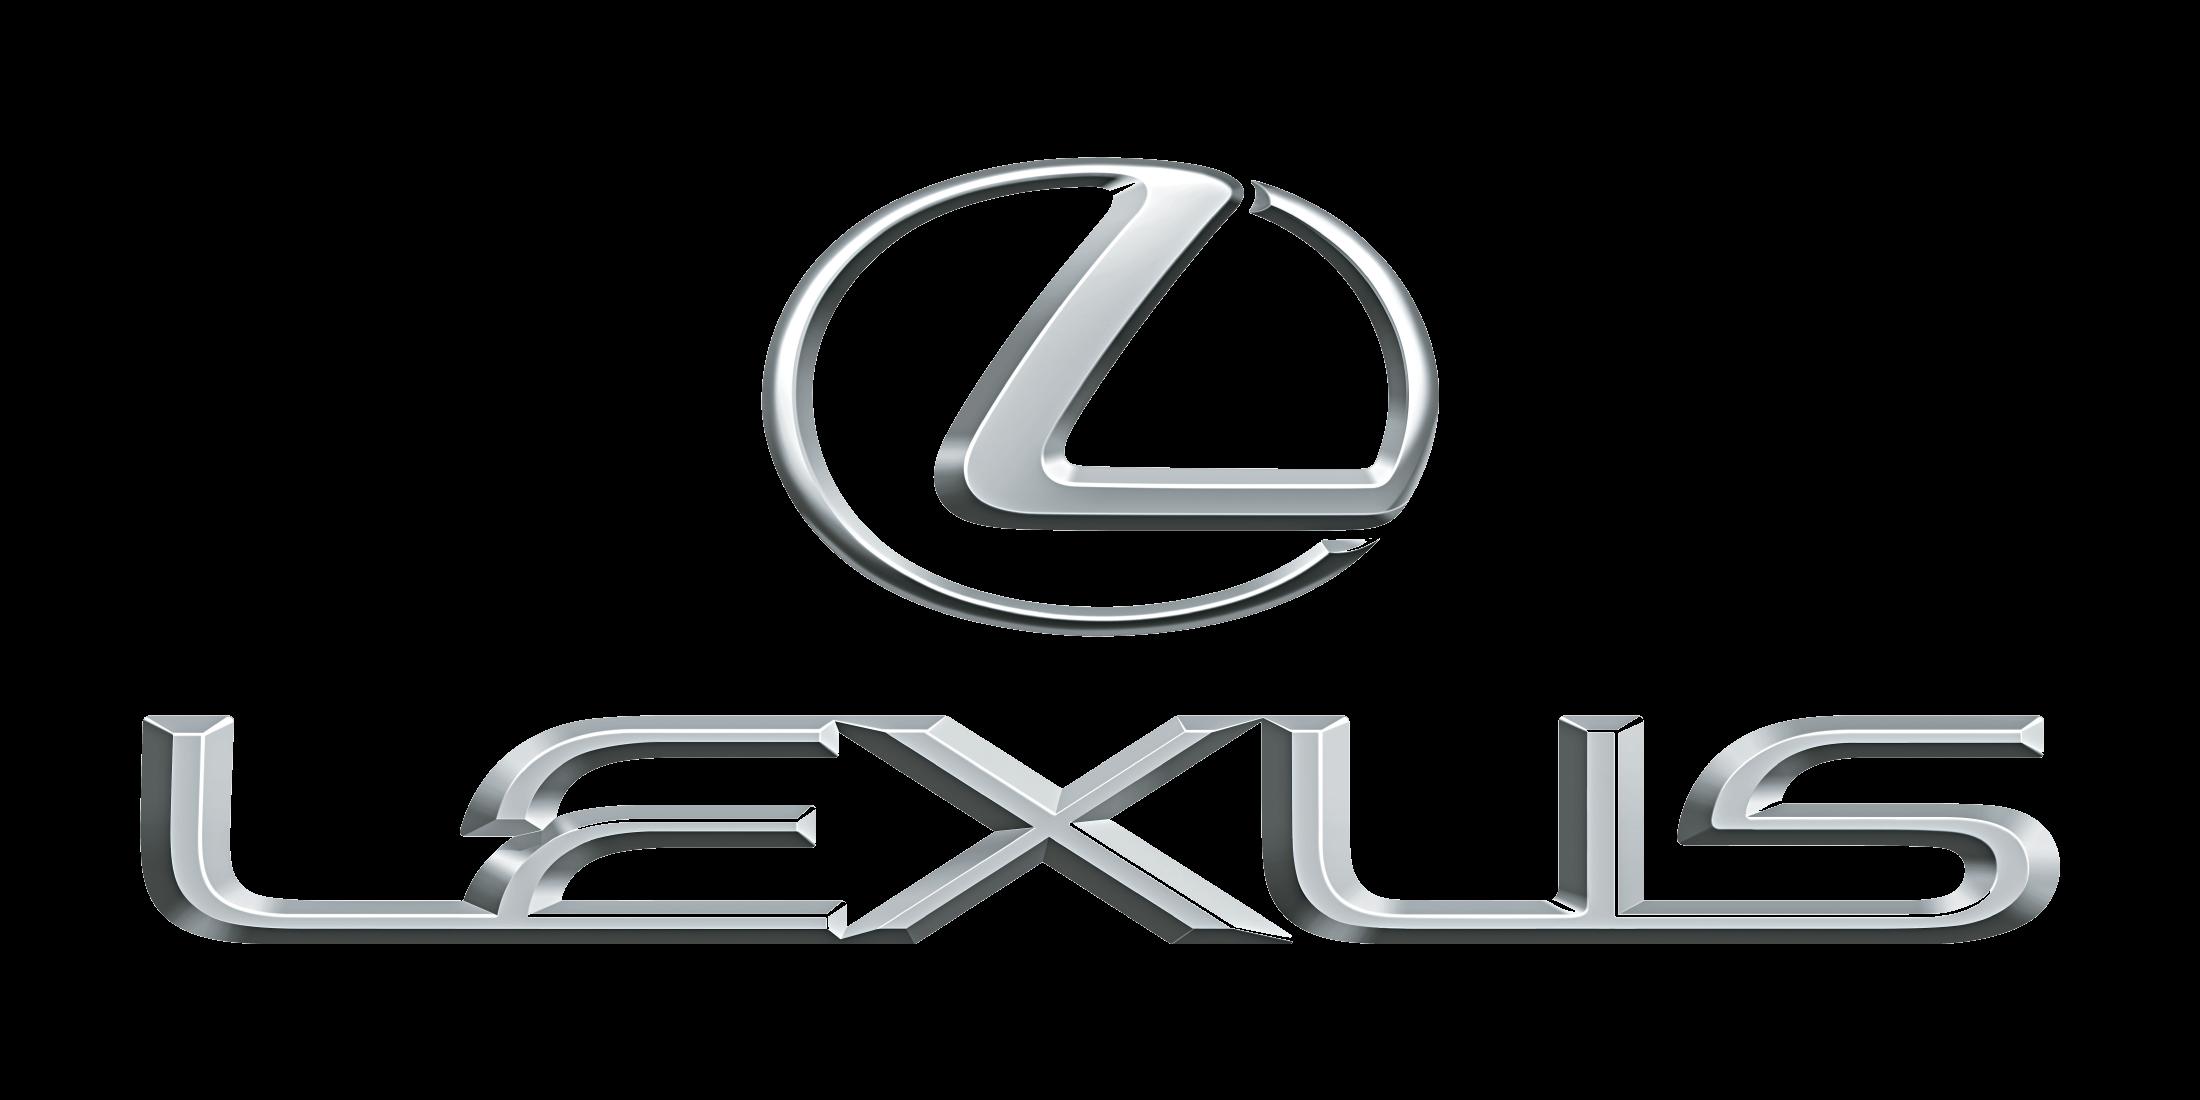 Lexus логотип PNG